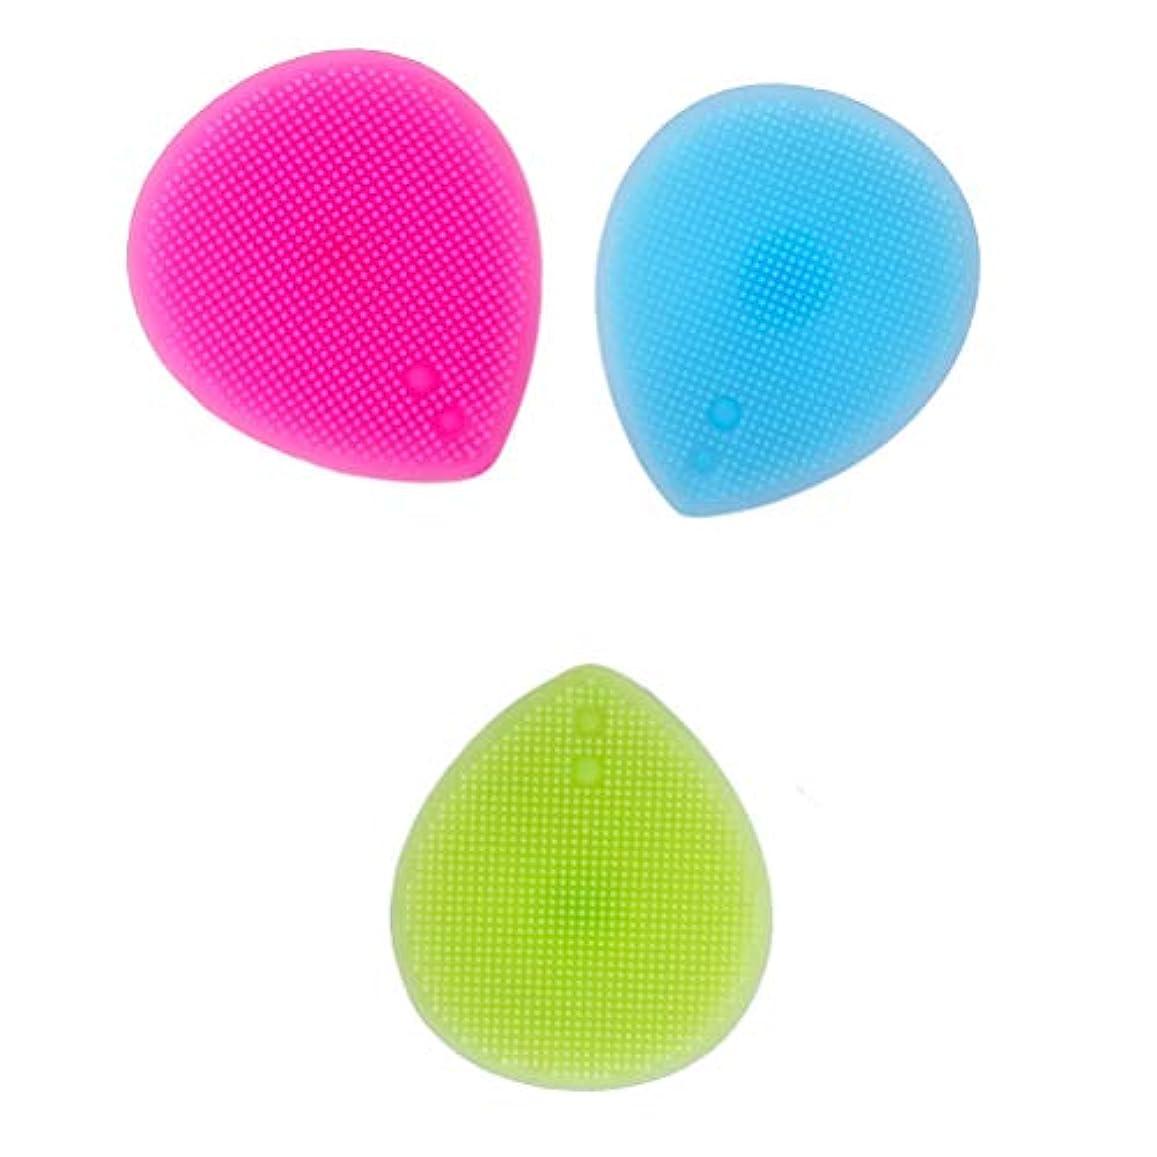 不規則性糞セグメントLurrose 3PCSシリコーンフェイシャルクレンジングブラシ手動フェイシャルマッサージブラシ女性用(ブルー+バラ色+グリーン)